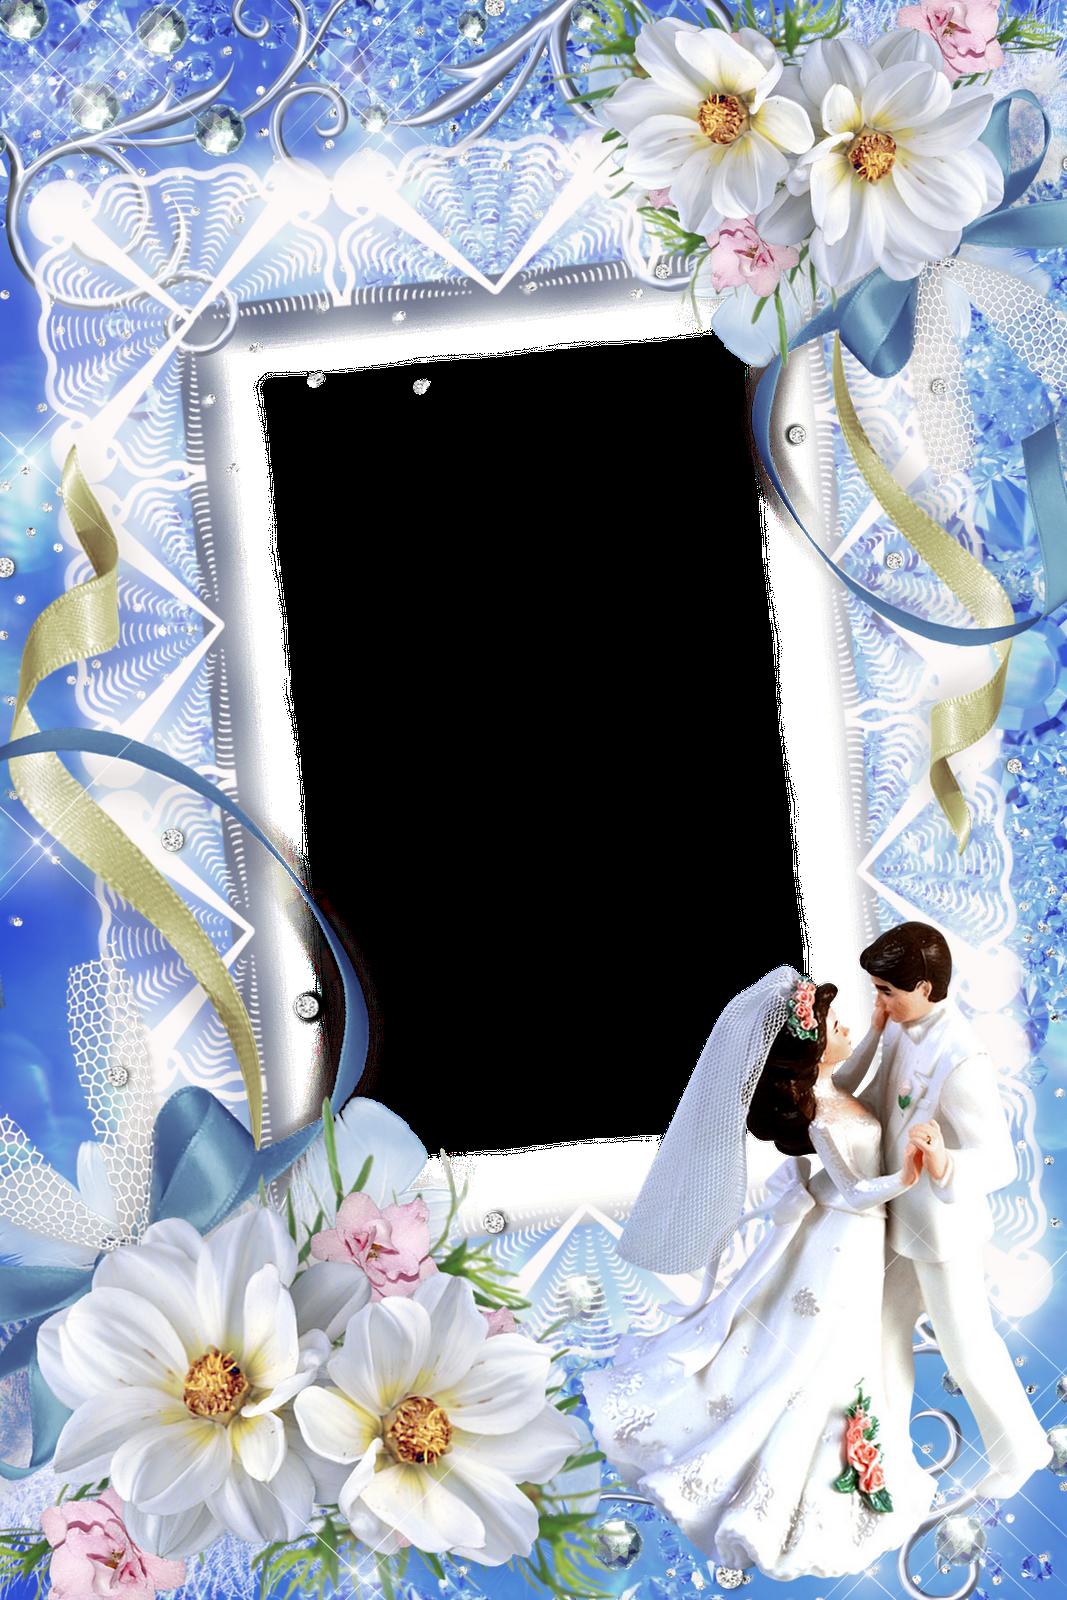 шаблоны картинок для открыток на свадьбу важно